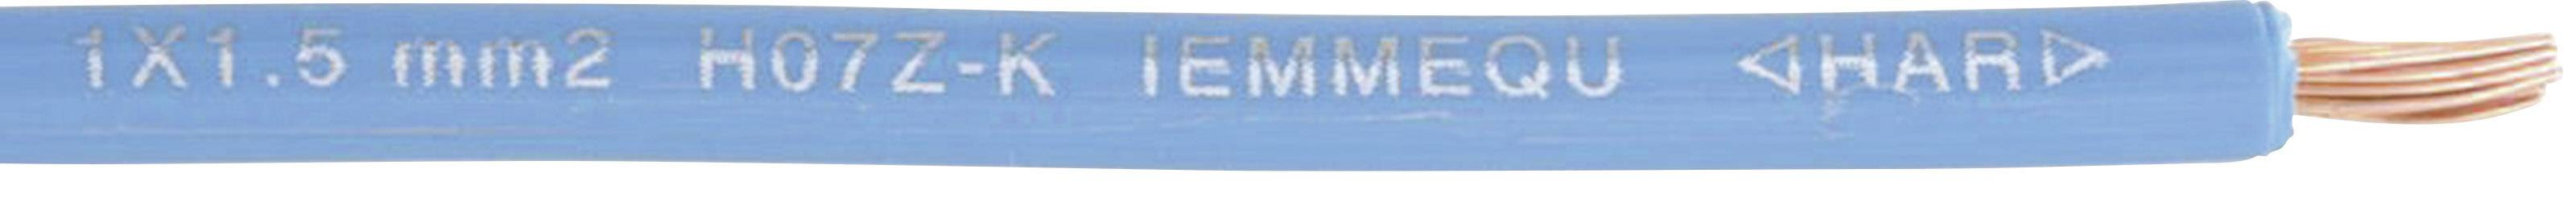 Pletenica H07Z-K 1 x 6 mm, svetlo modra Faber Kabel 040280 cena za meter